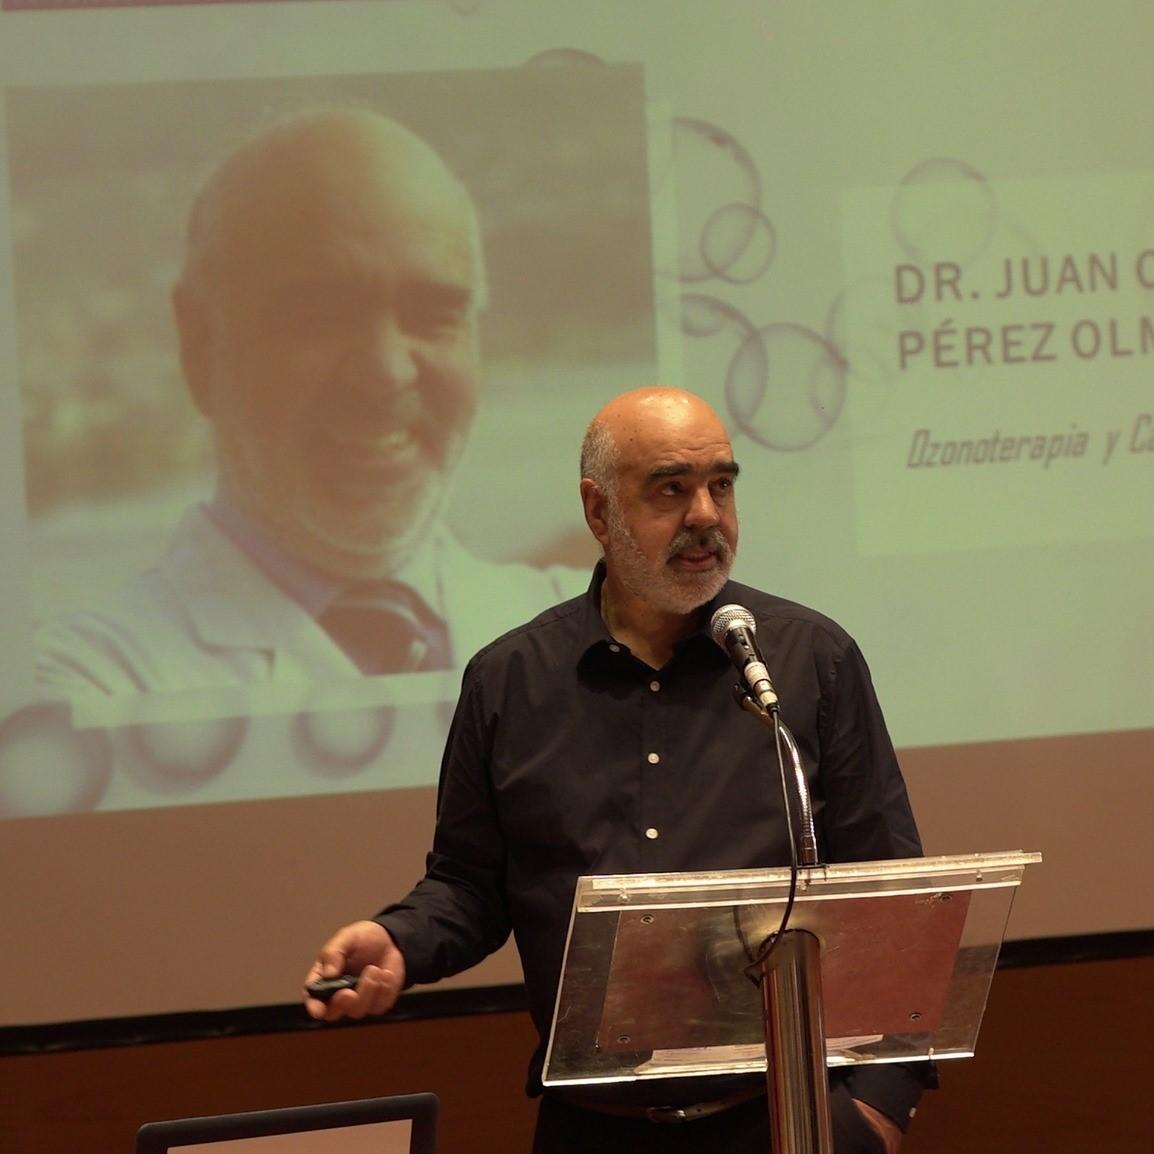 Perez Olmedo